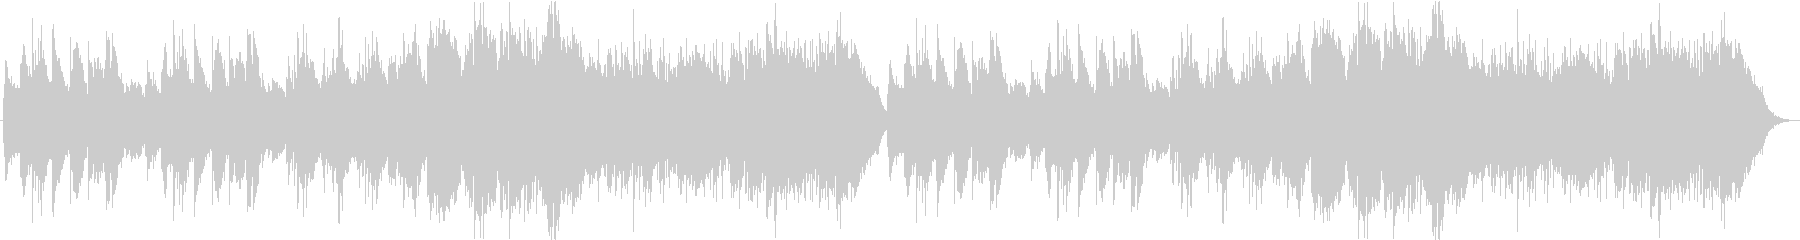 穏やかなケルト曲の未再生の波形